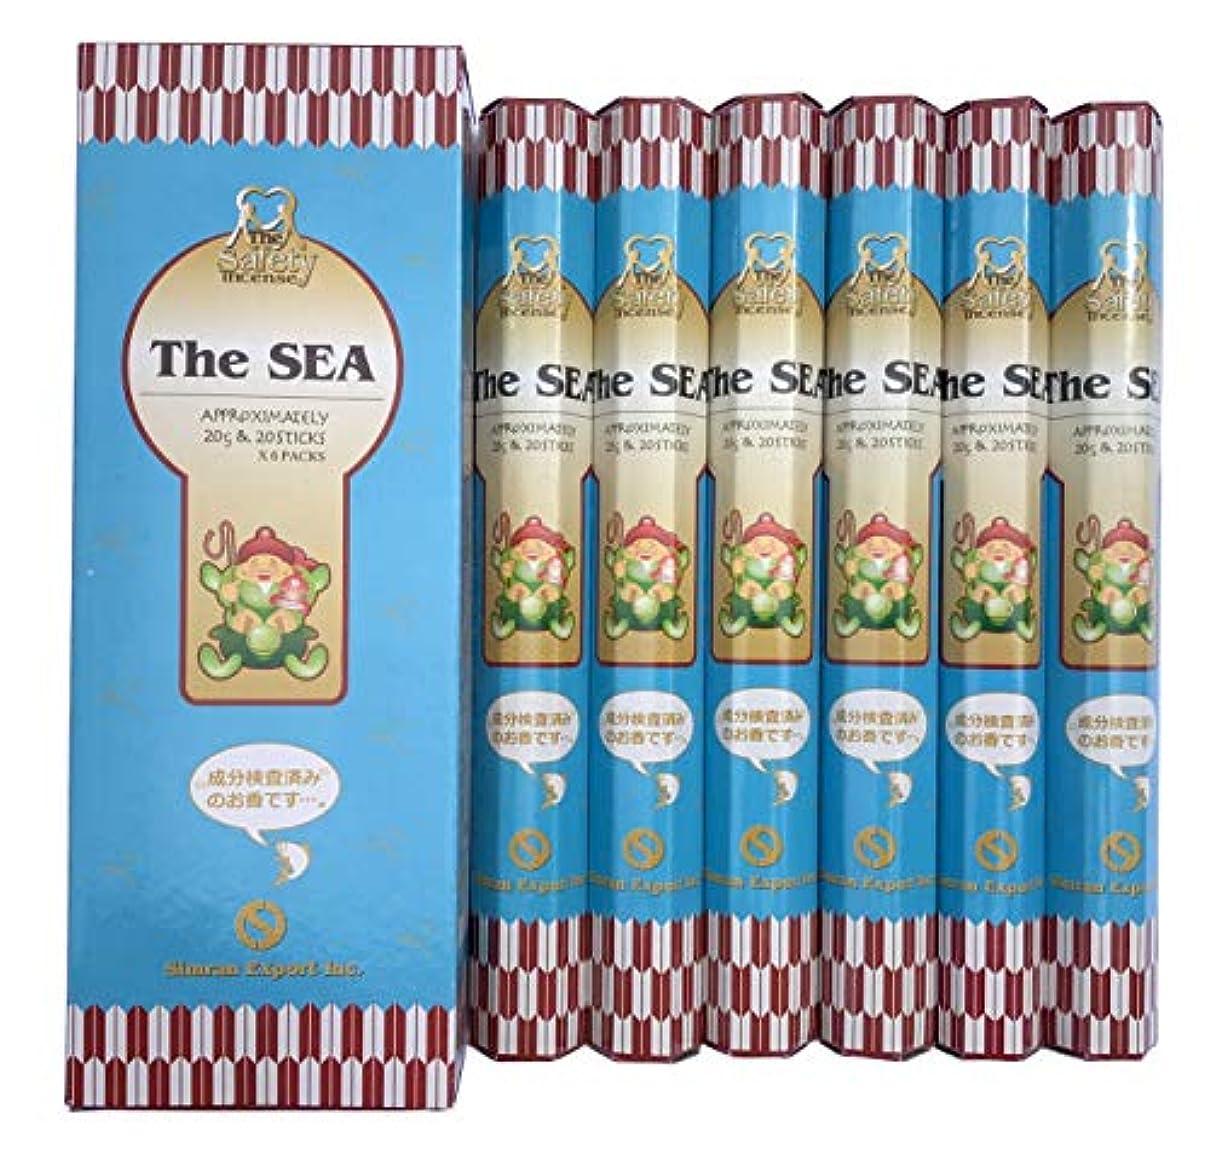 カーペット果てしない見捨てるインド香 The SEA ザ?シー 潮風の香り スティック 6個セット シムラン社 成分検査済み